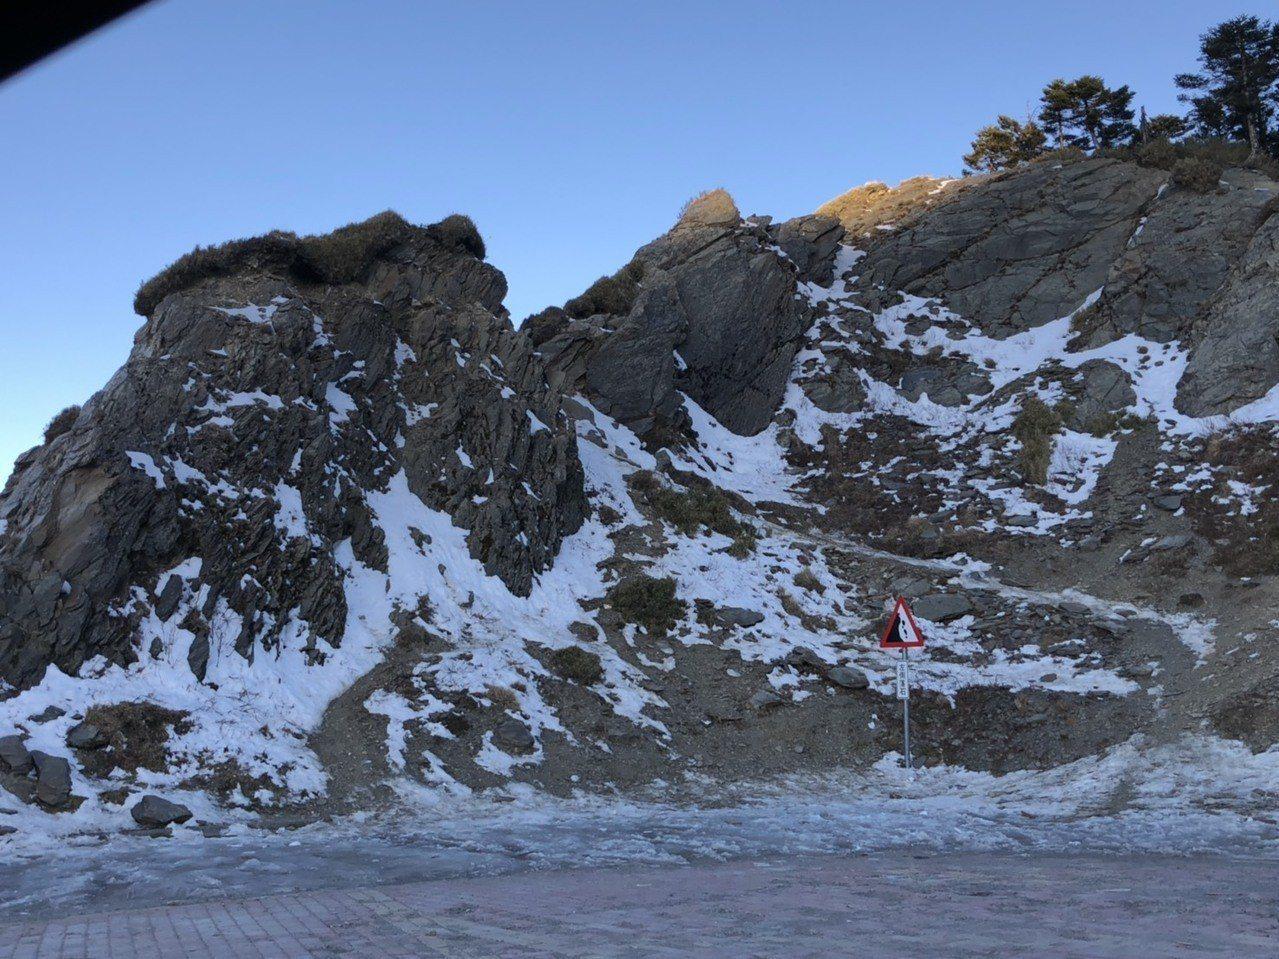 武嶺停車場因為結冰地面受損,13日起將封閉整修。記者江良誠/攝影